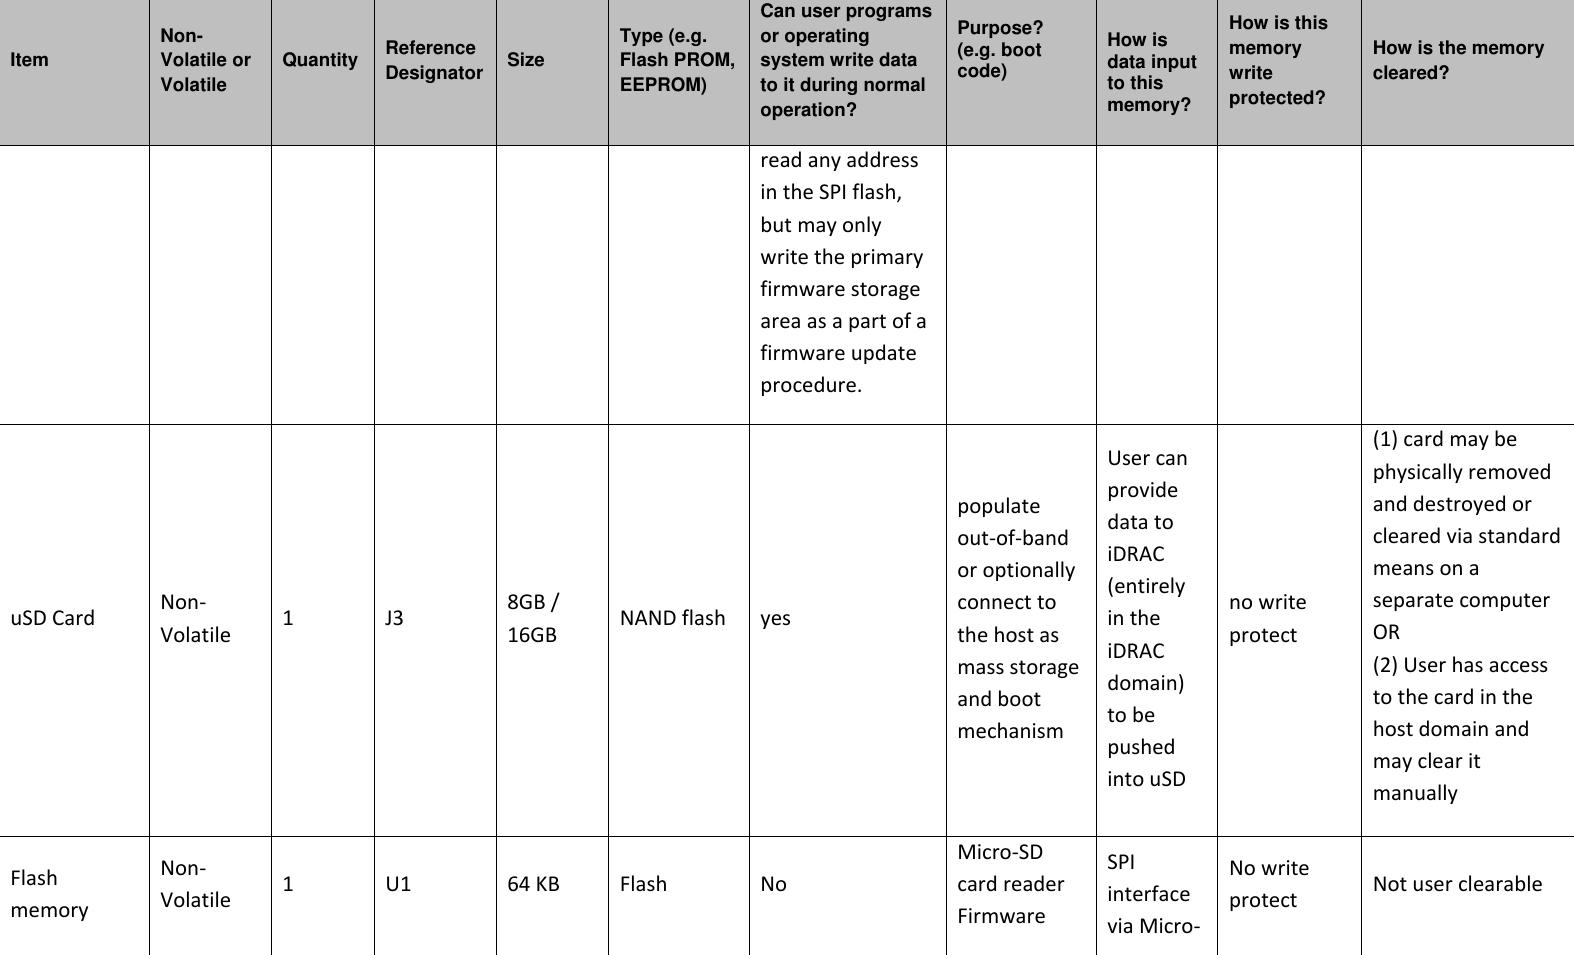 Dell Hba330 User Guide